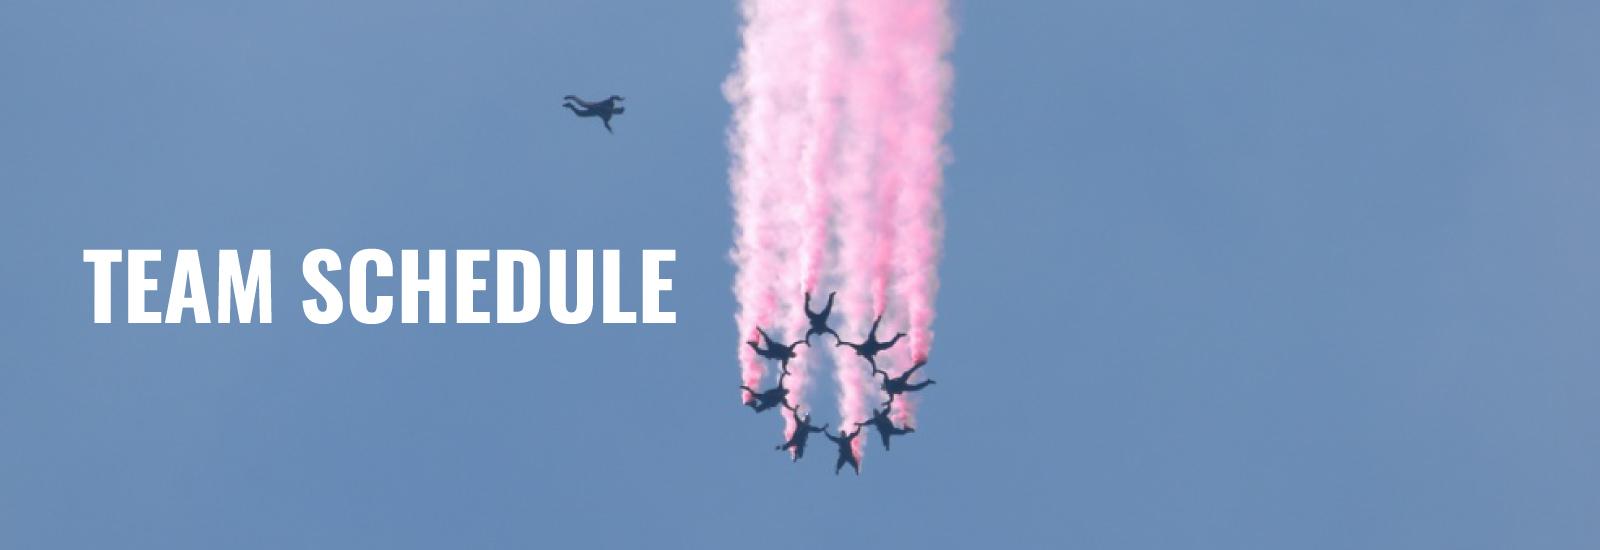 Golden Knights Parachute Team Schedule